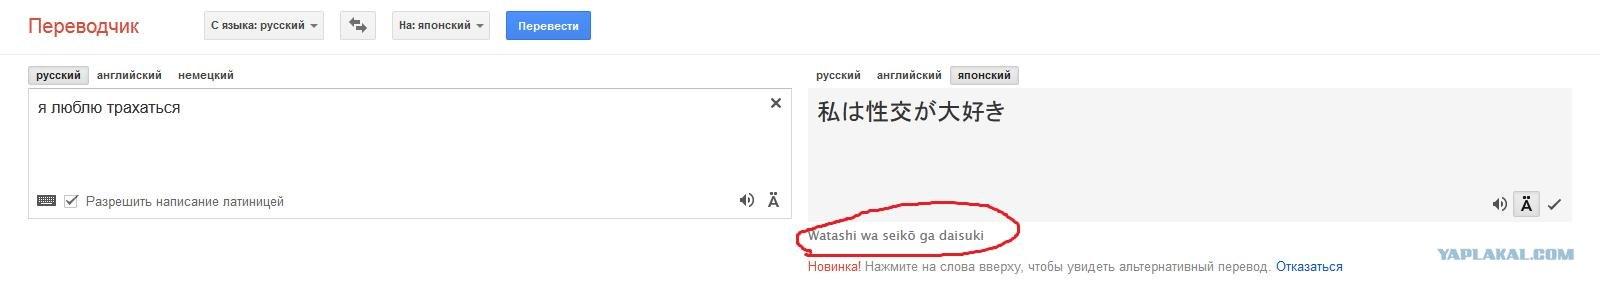 Перевод картинки с японского на русский онлайн